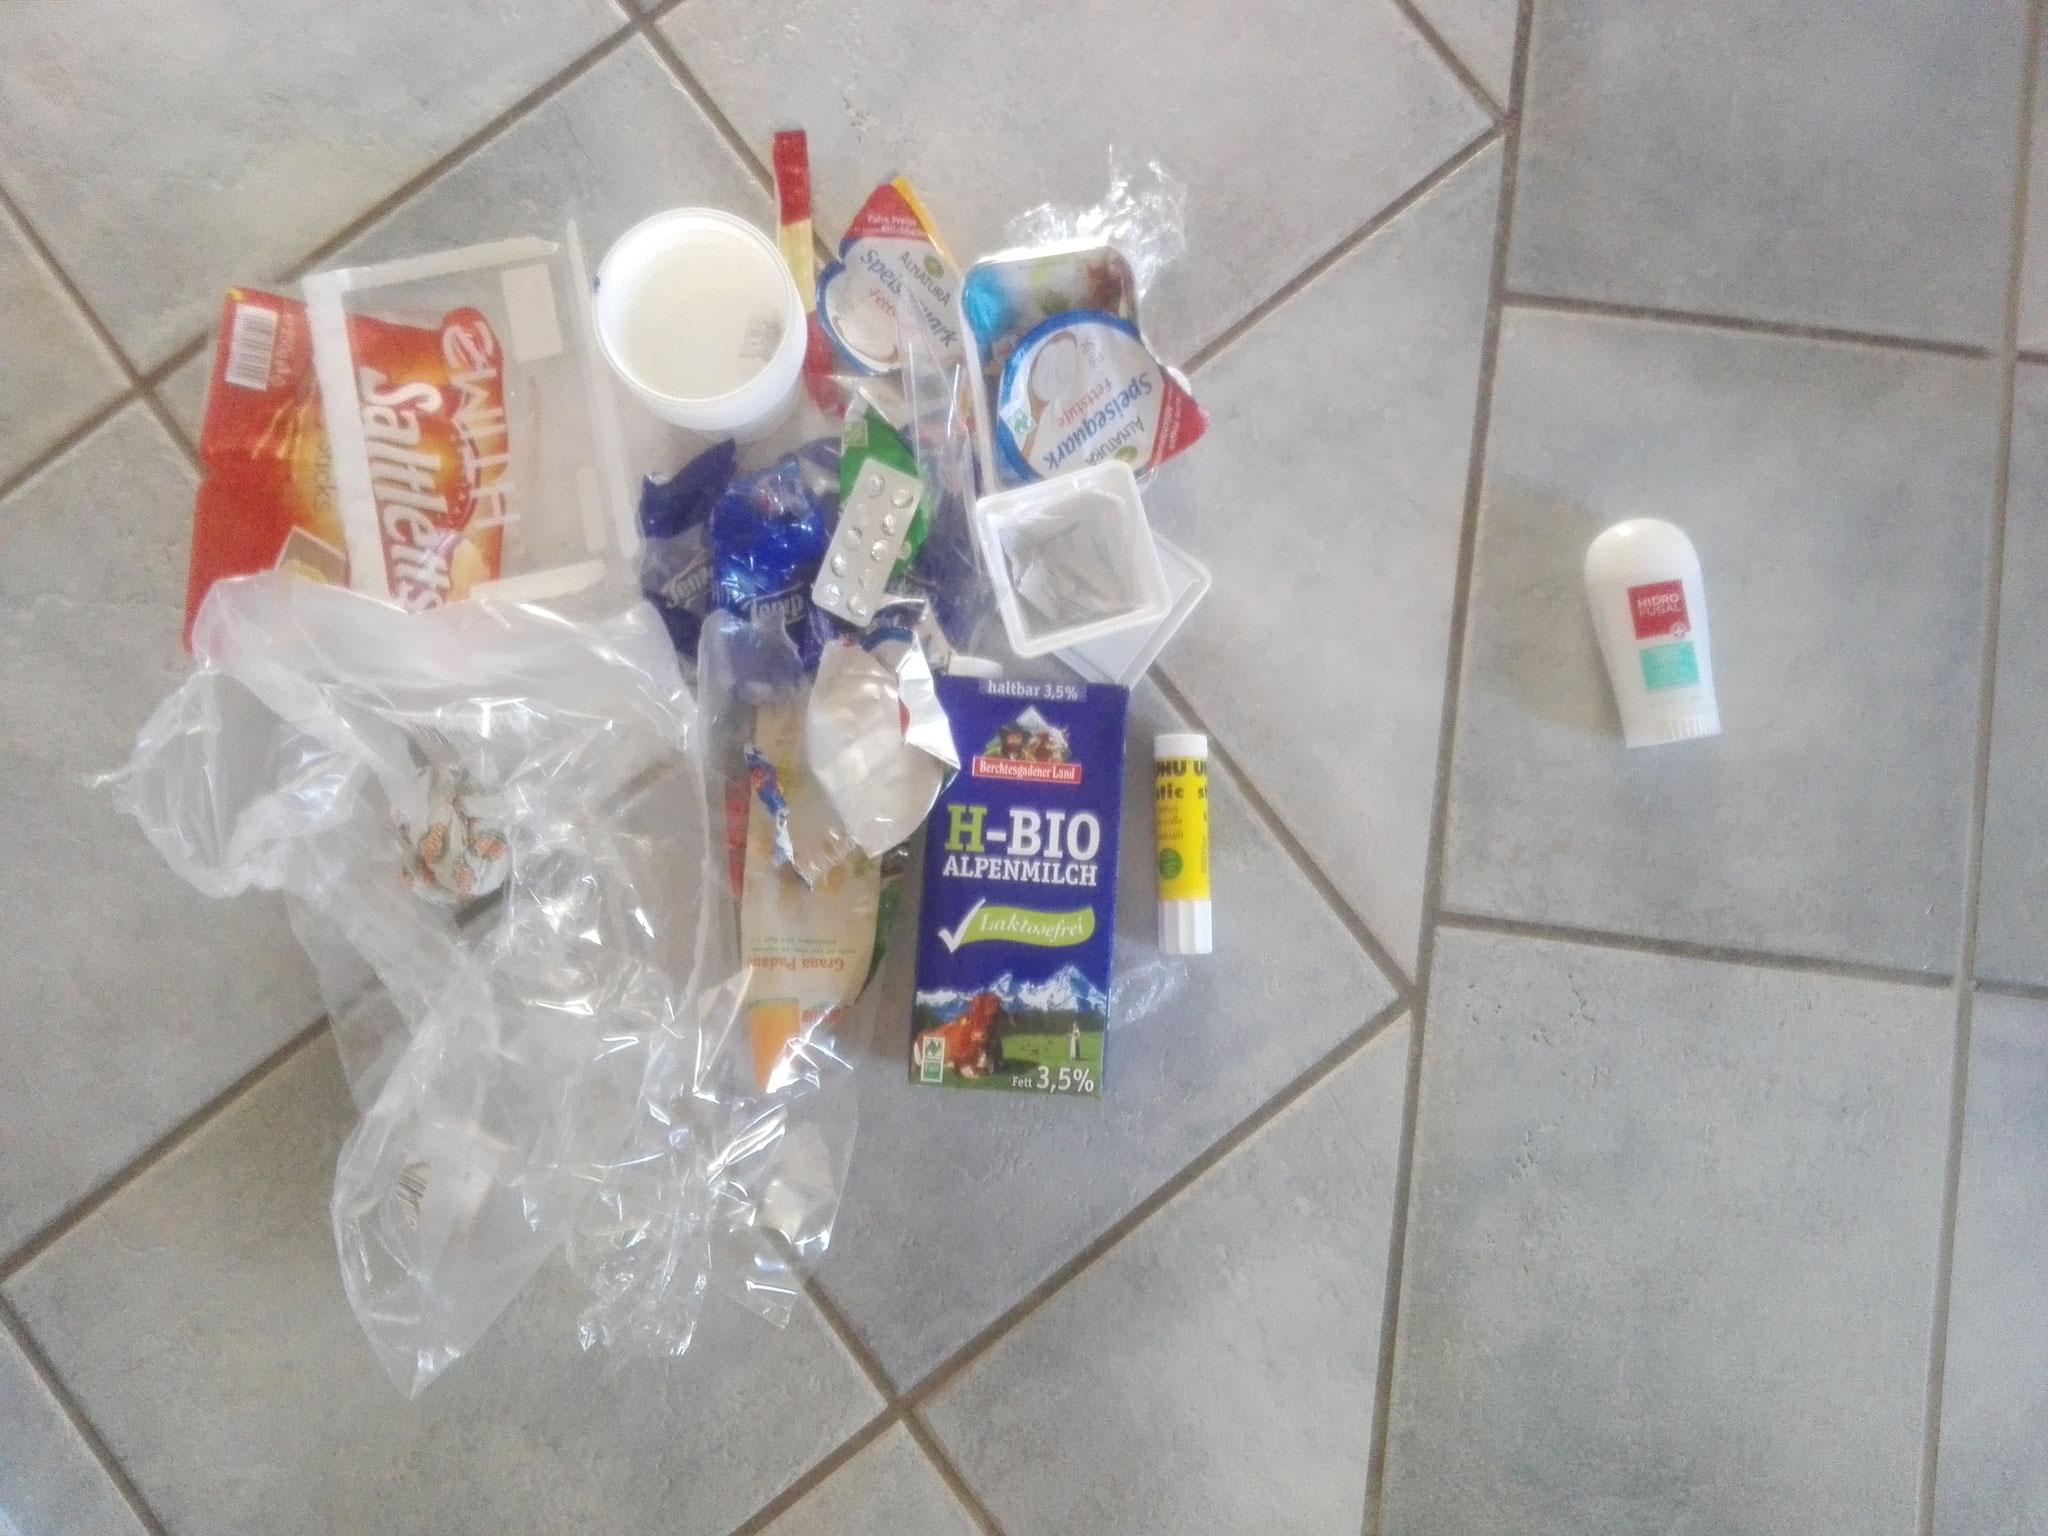 2-Personen-Haushalt bei dem in Zukunft das Deo mit einer plastikfreien Alternative ersetzt wird.